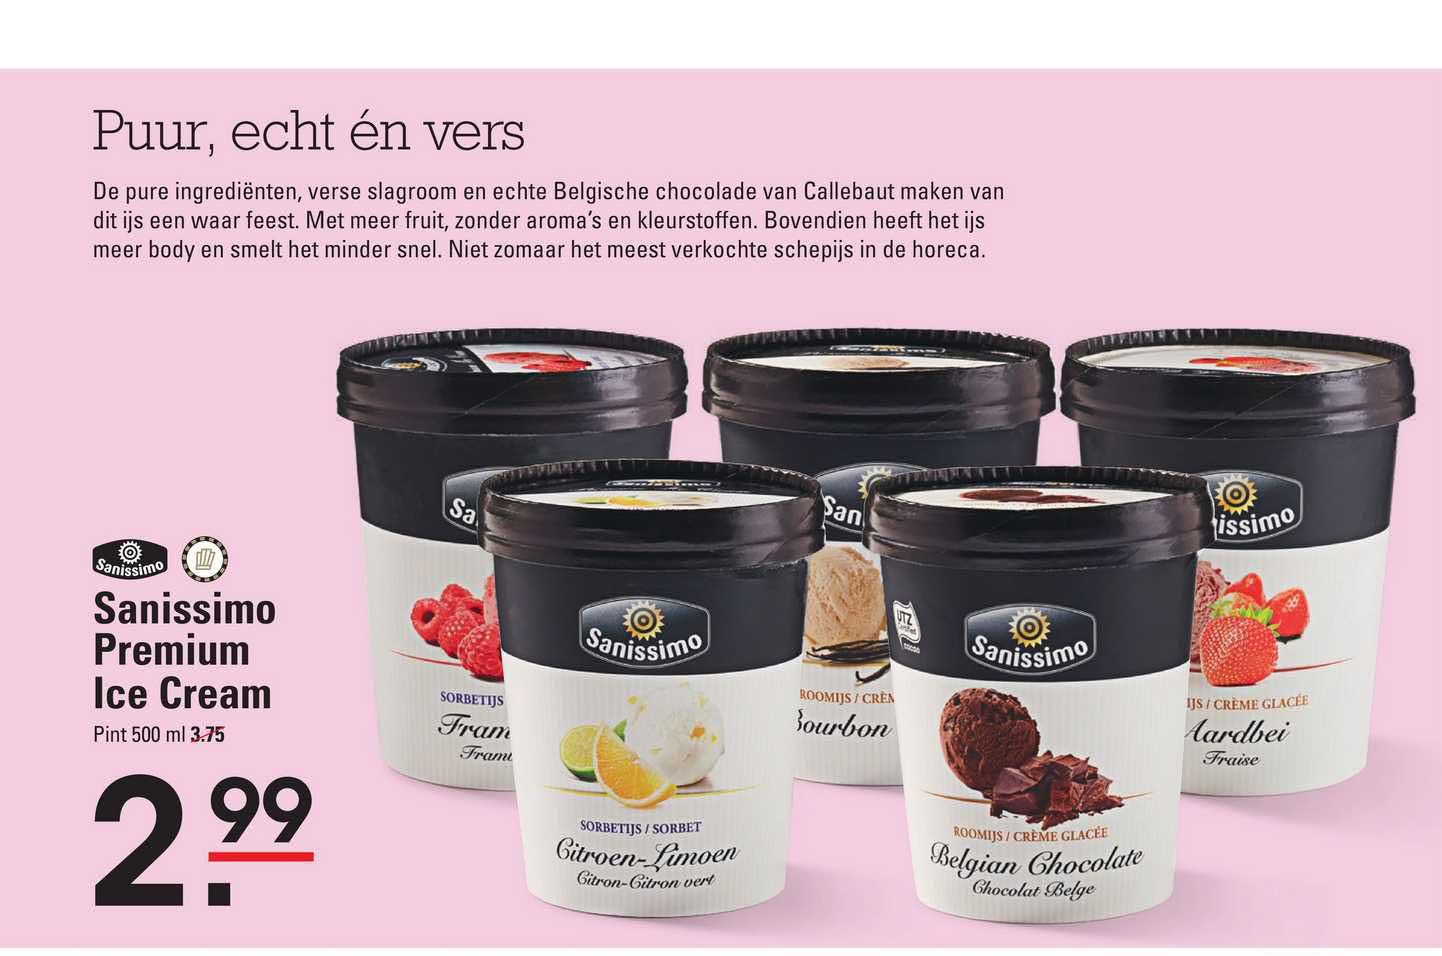 Sligro Sanissimo Premium Ice Cream